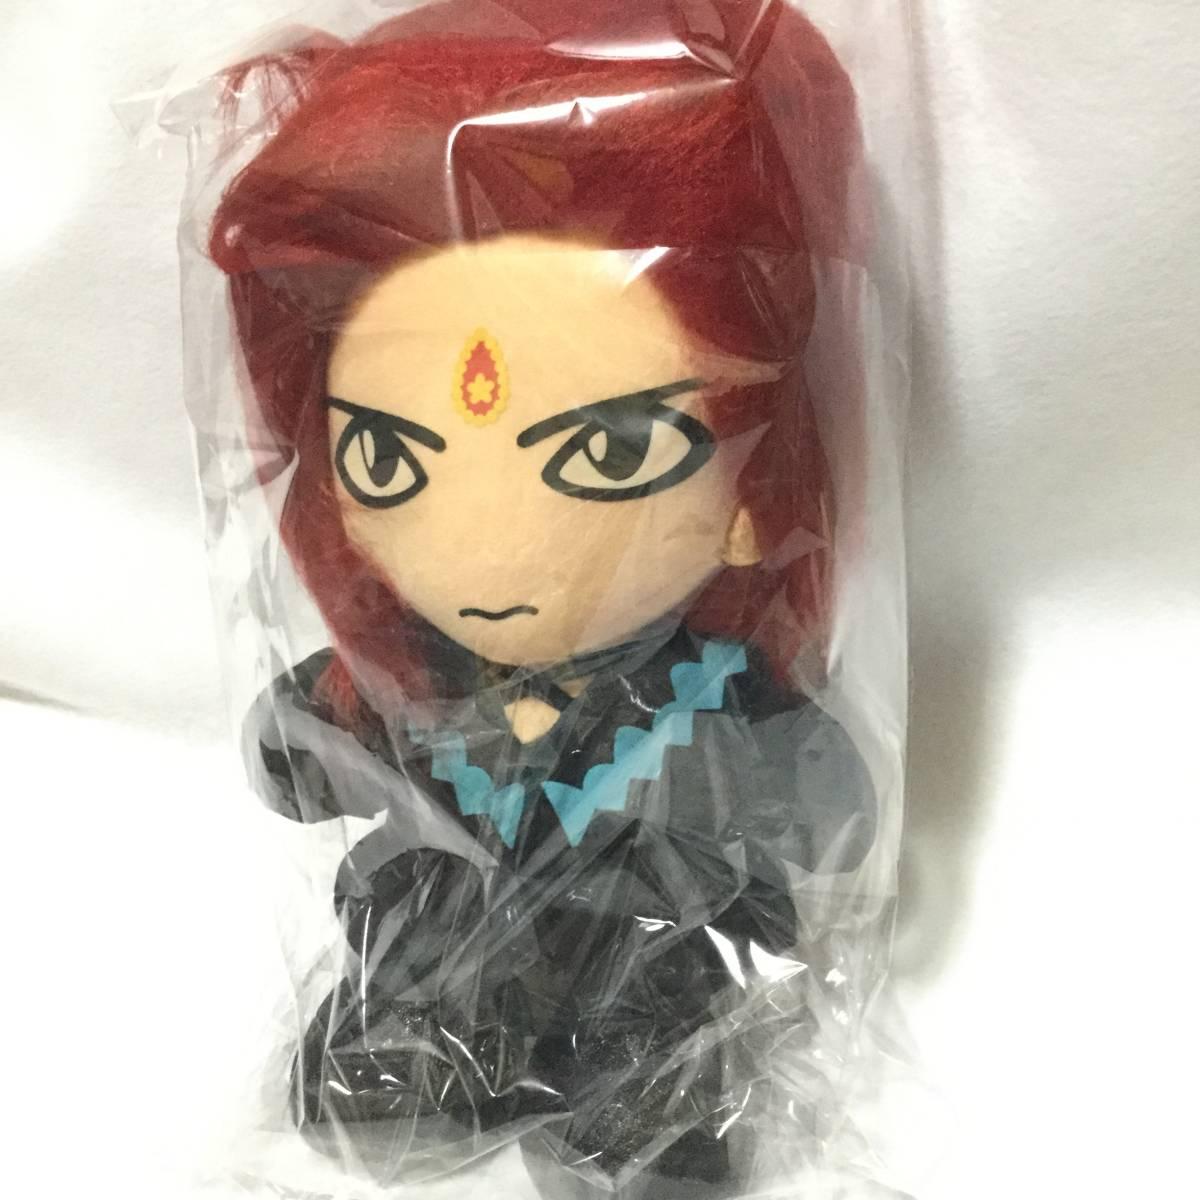 hide Yoshikiも持ってる DX ぬいぐるみ 特殊ブラック染め加工 参考( X JAPAN 人形 ギター イエローハート ライブ イベント メモリアル DVD_画像5